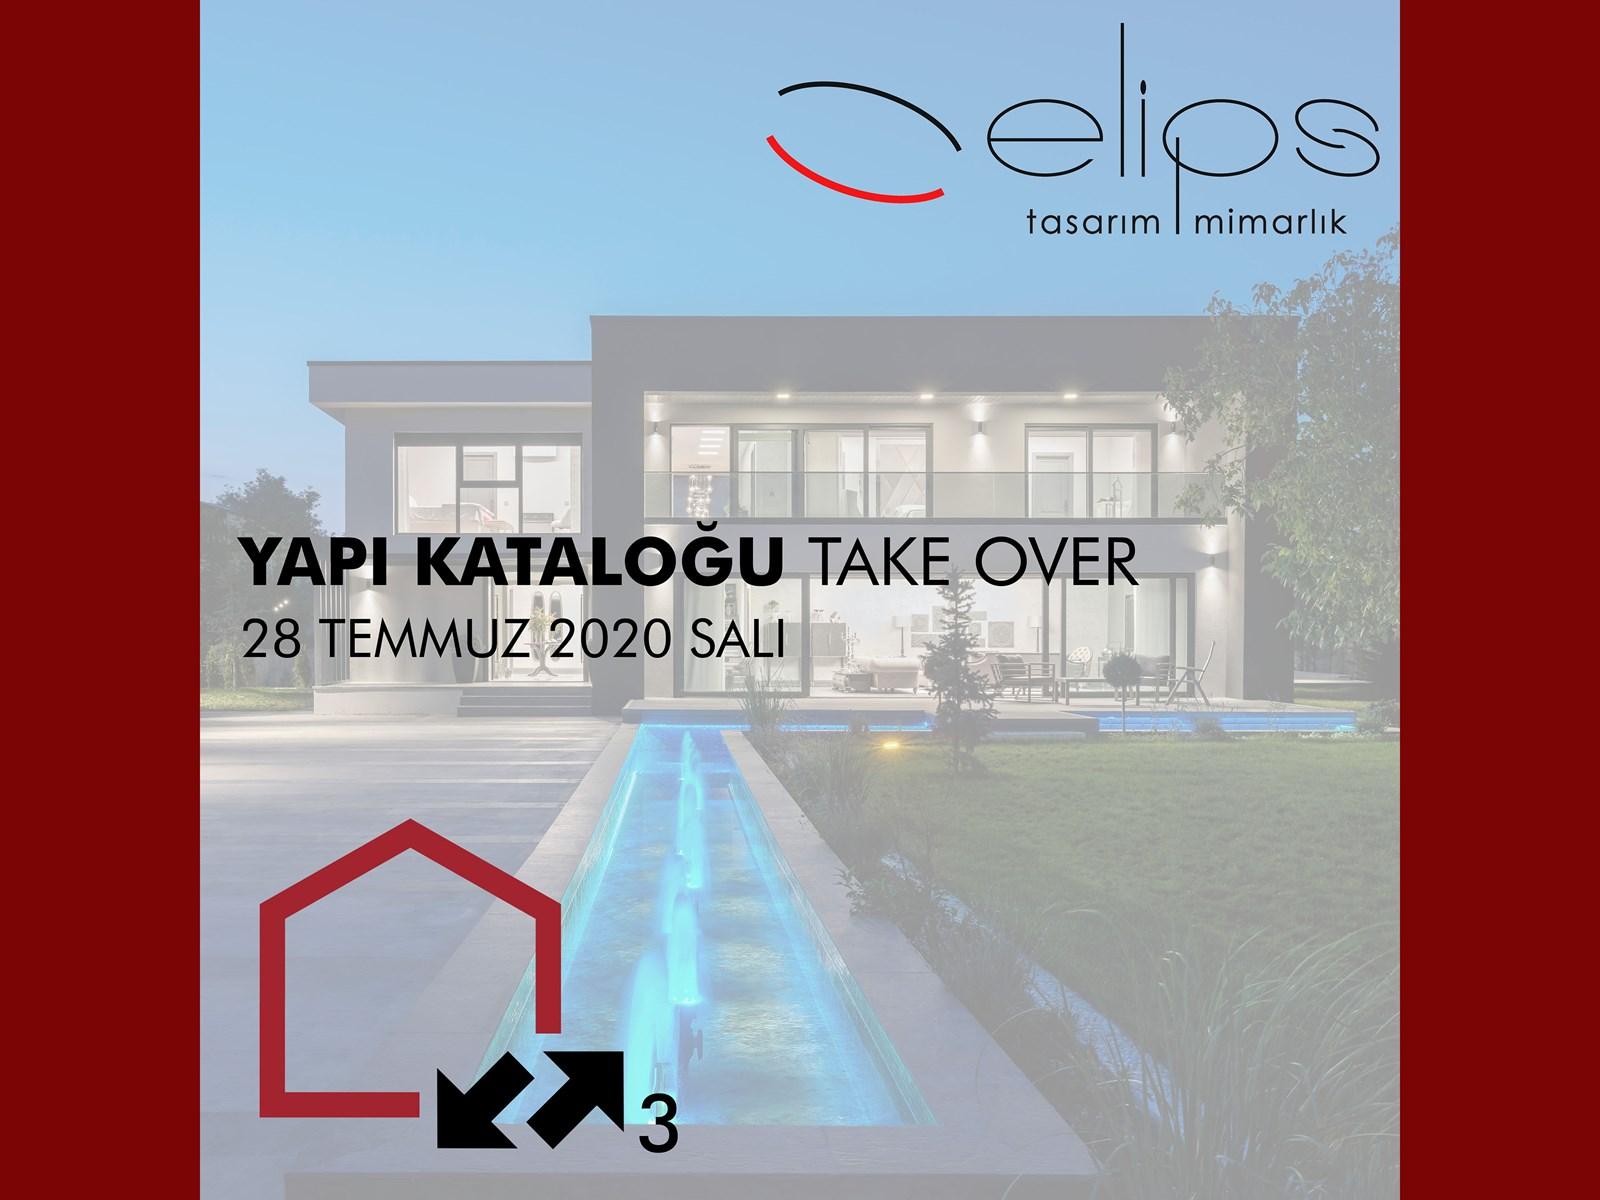 TakeOver #3 - Elips Tasarım Mimarlık